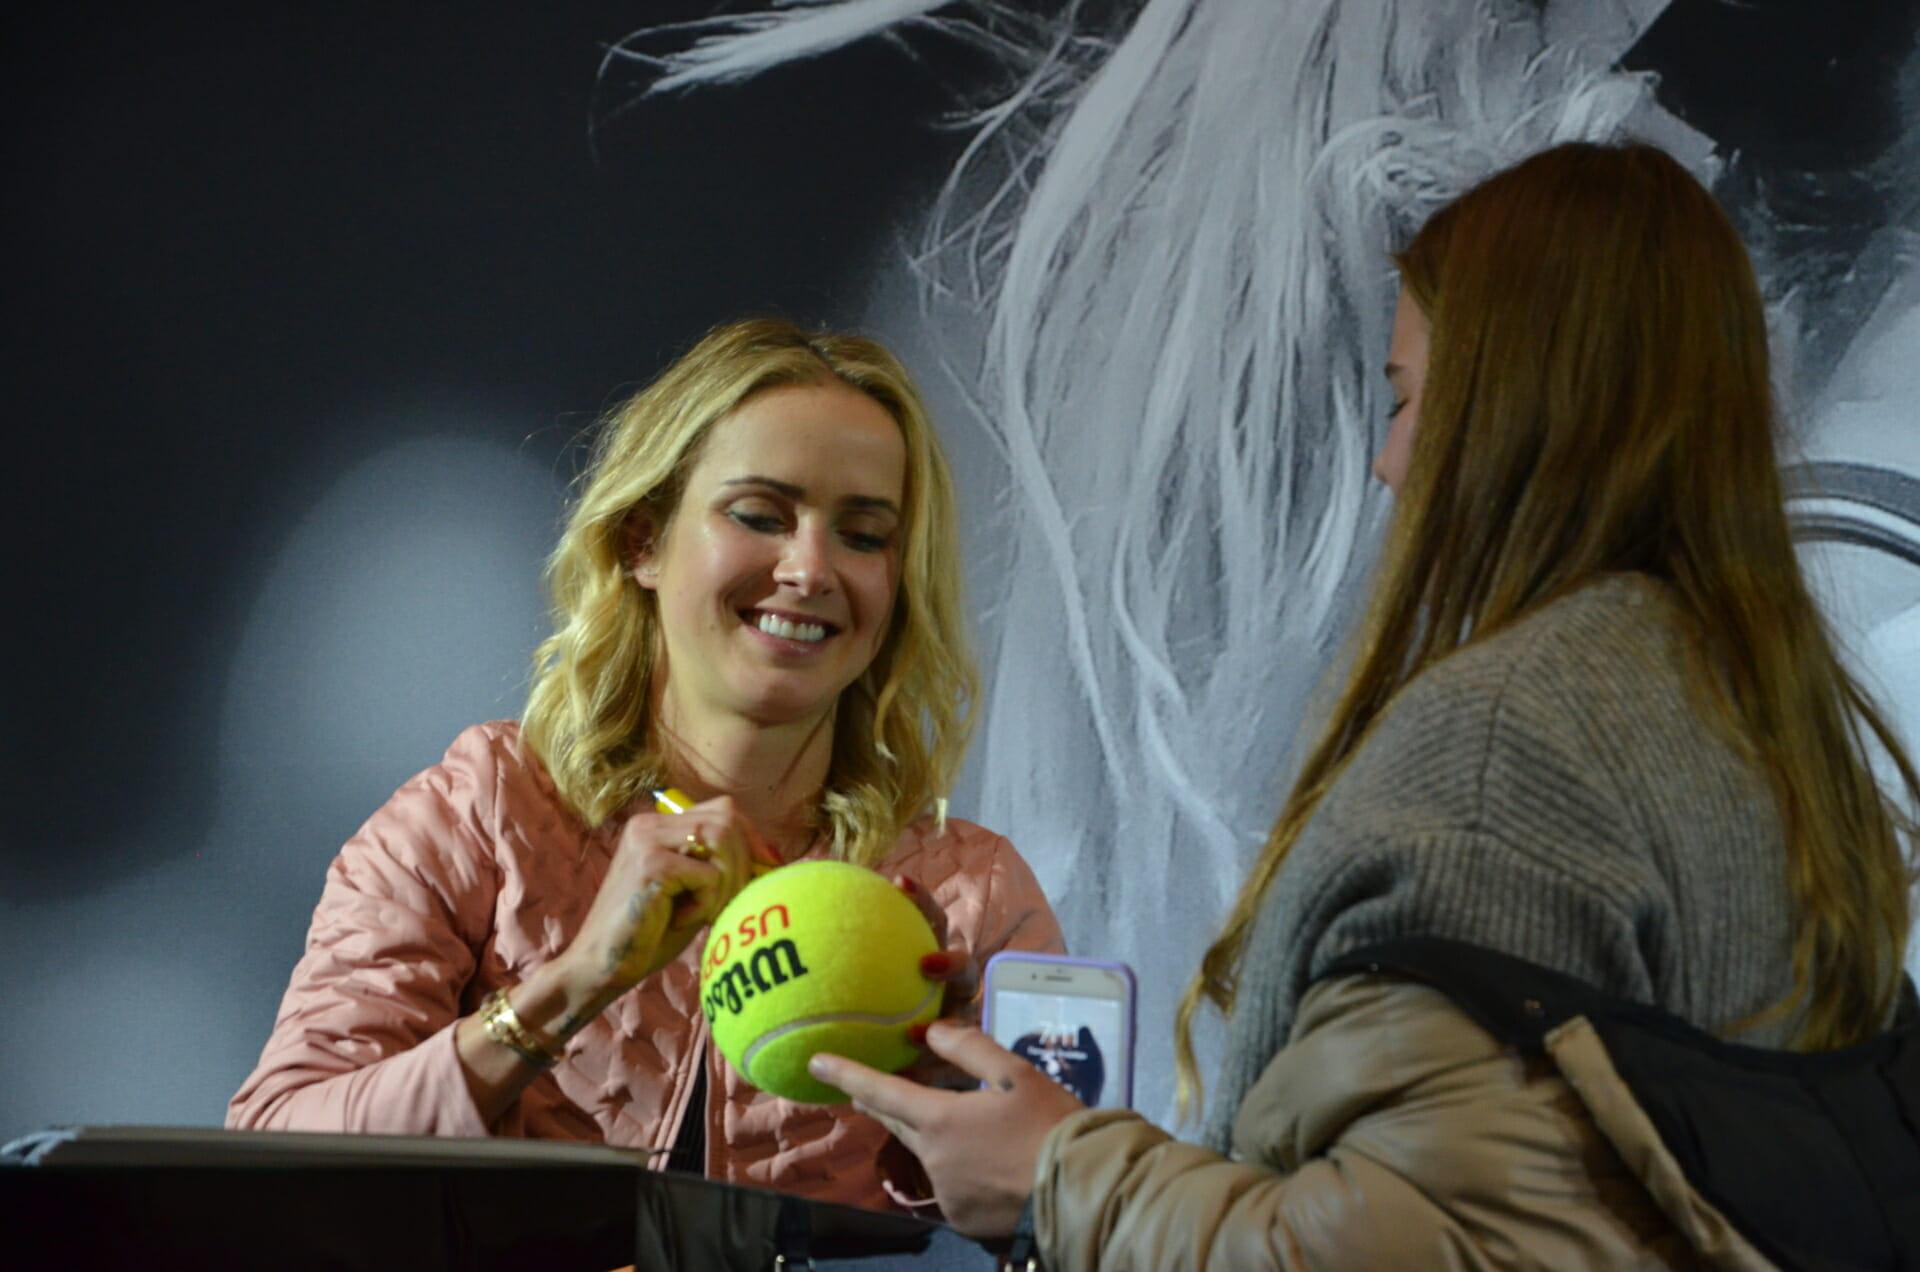 Svitolina Tops the Tennis World